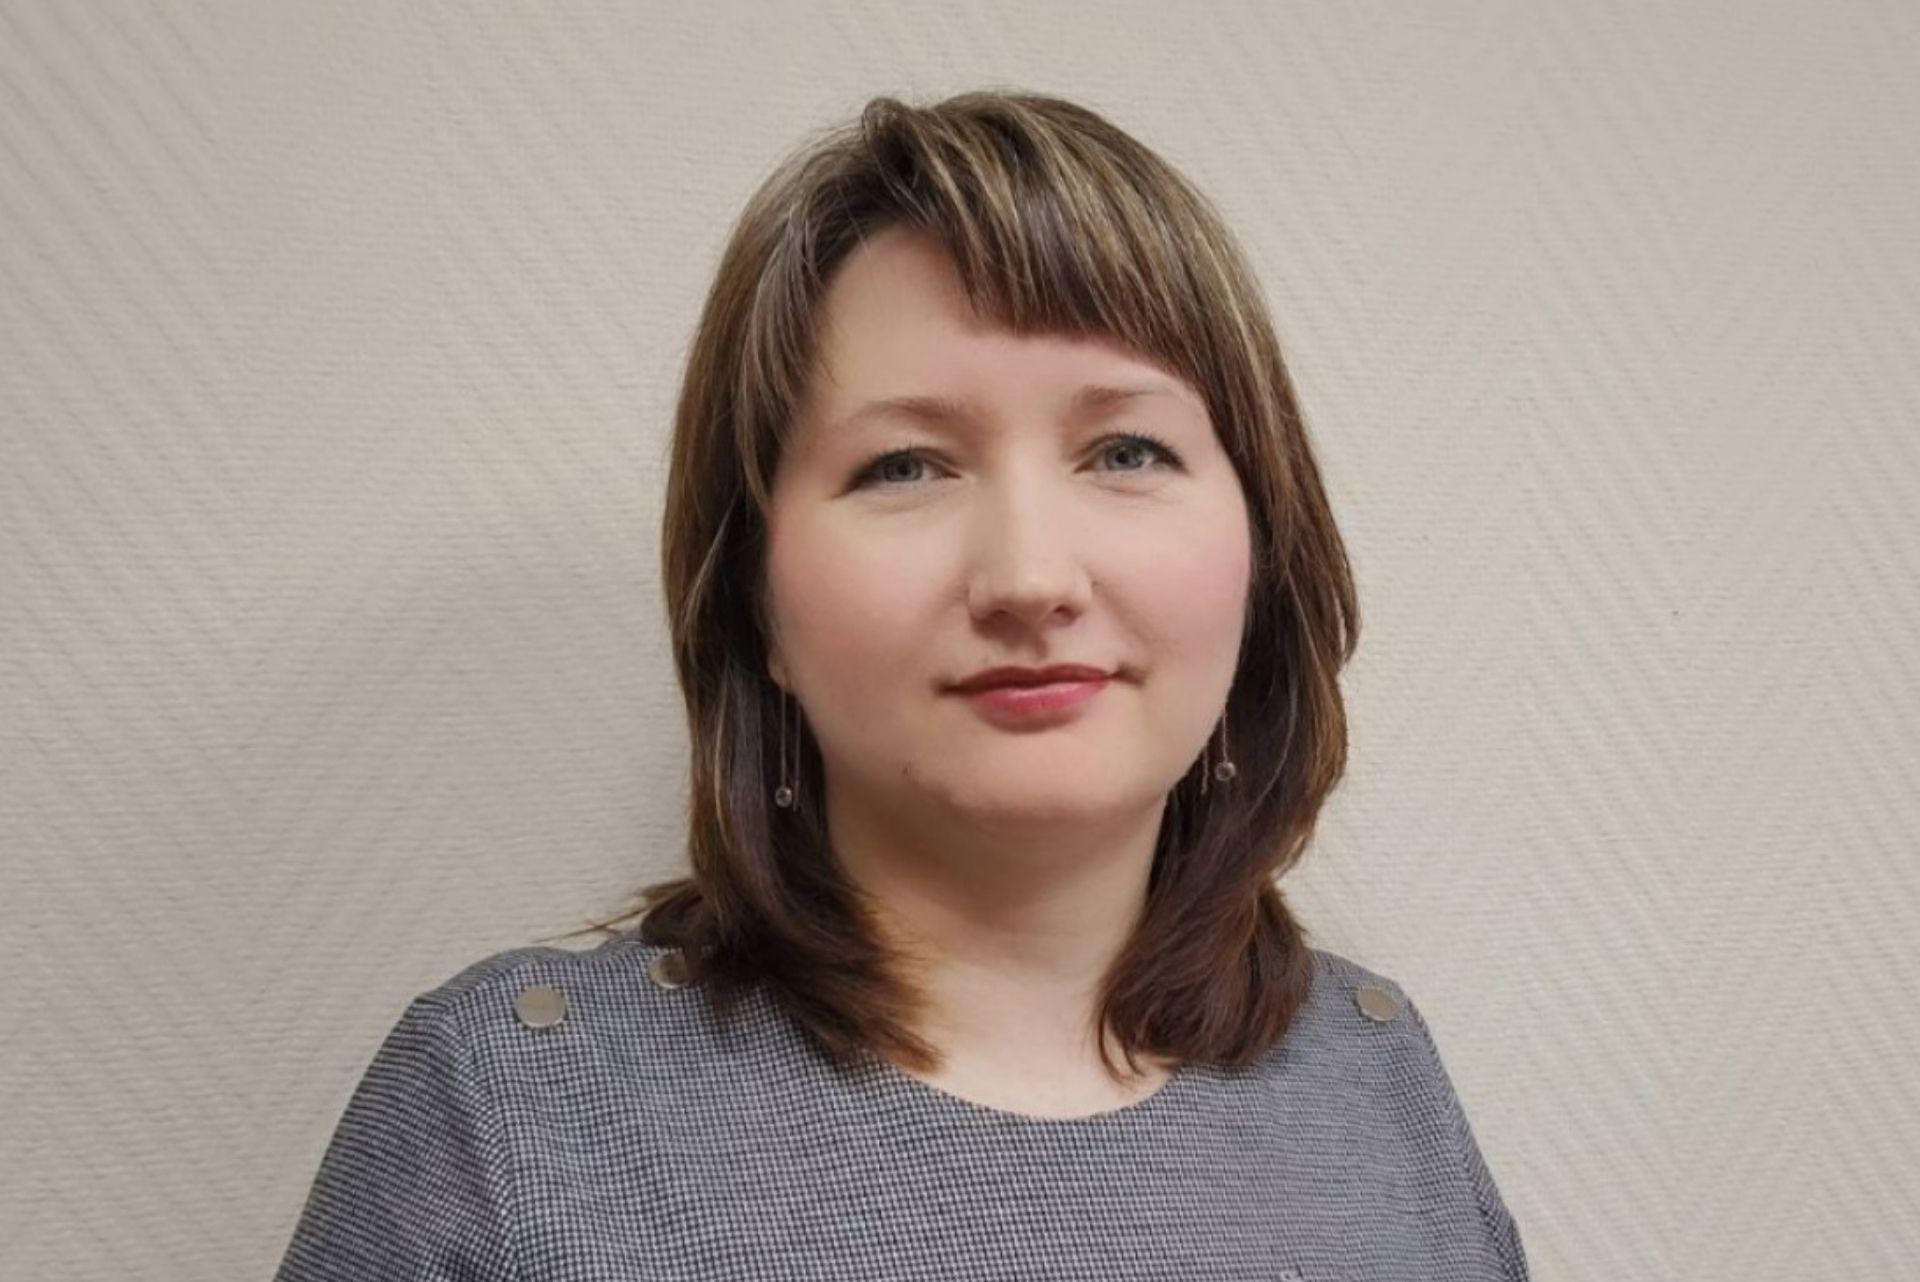 Пьянькова Наталья главный бухгалтер, стаж 18 лет <br><br>